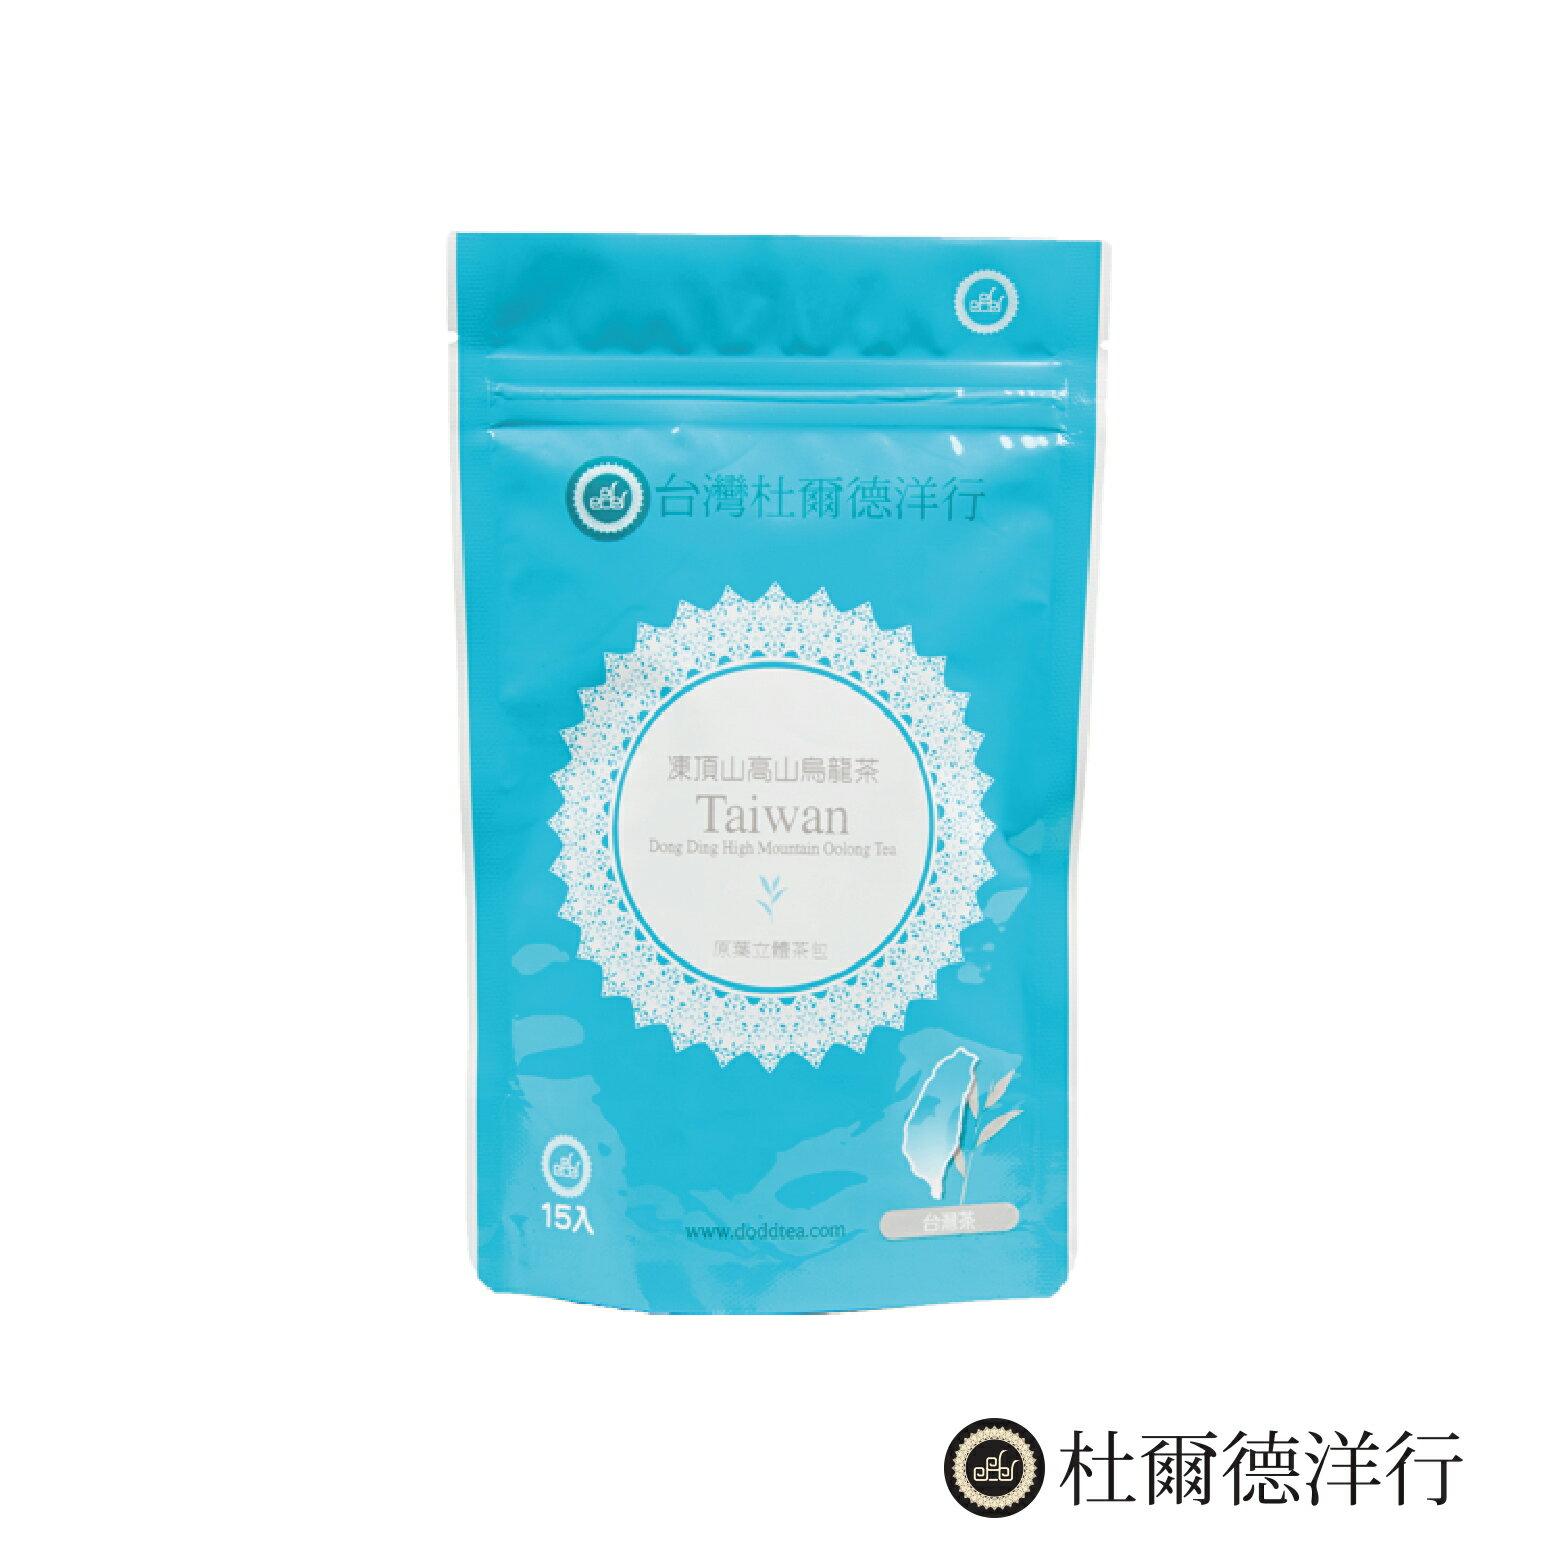 【杜爾德洋行 Dodd Tea】凍頂山烏龍茶立體茶包15入 0